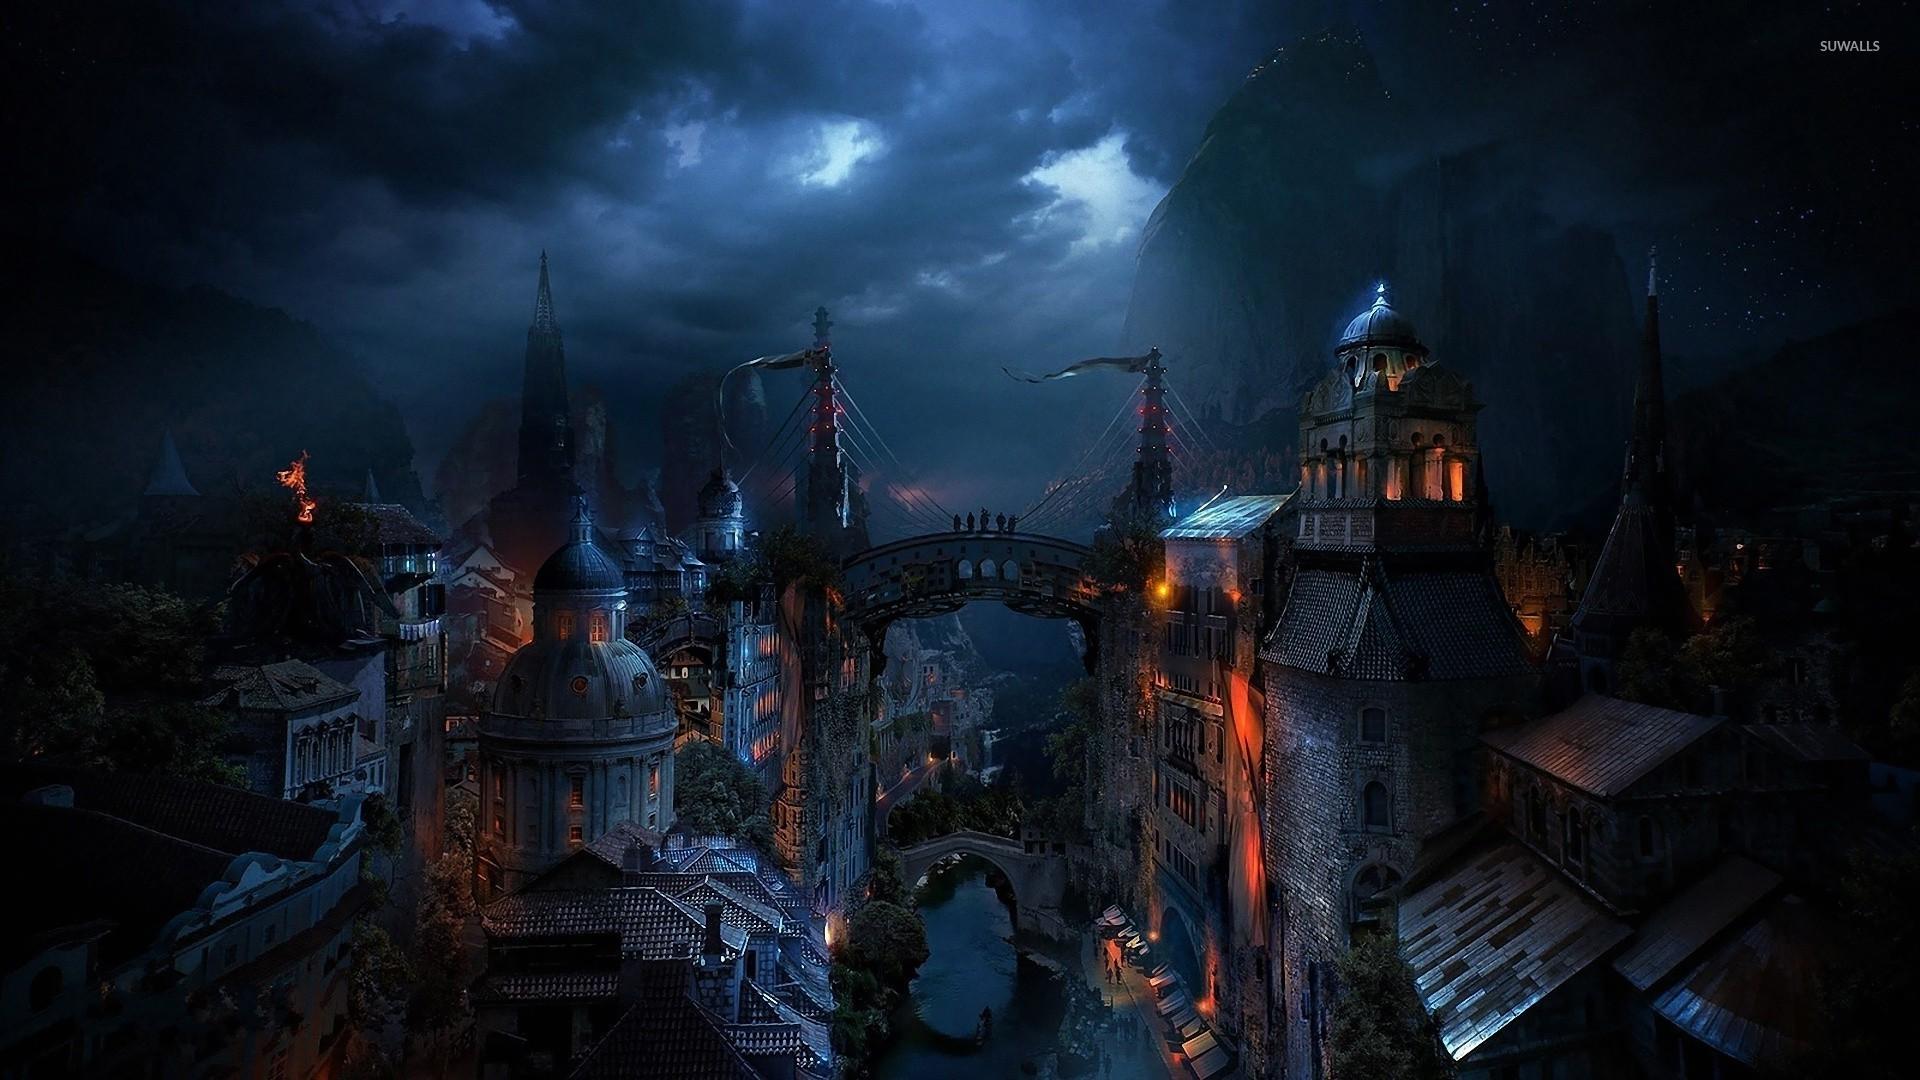 Dark City Wallpaper 1920x1080 Jpg